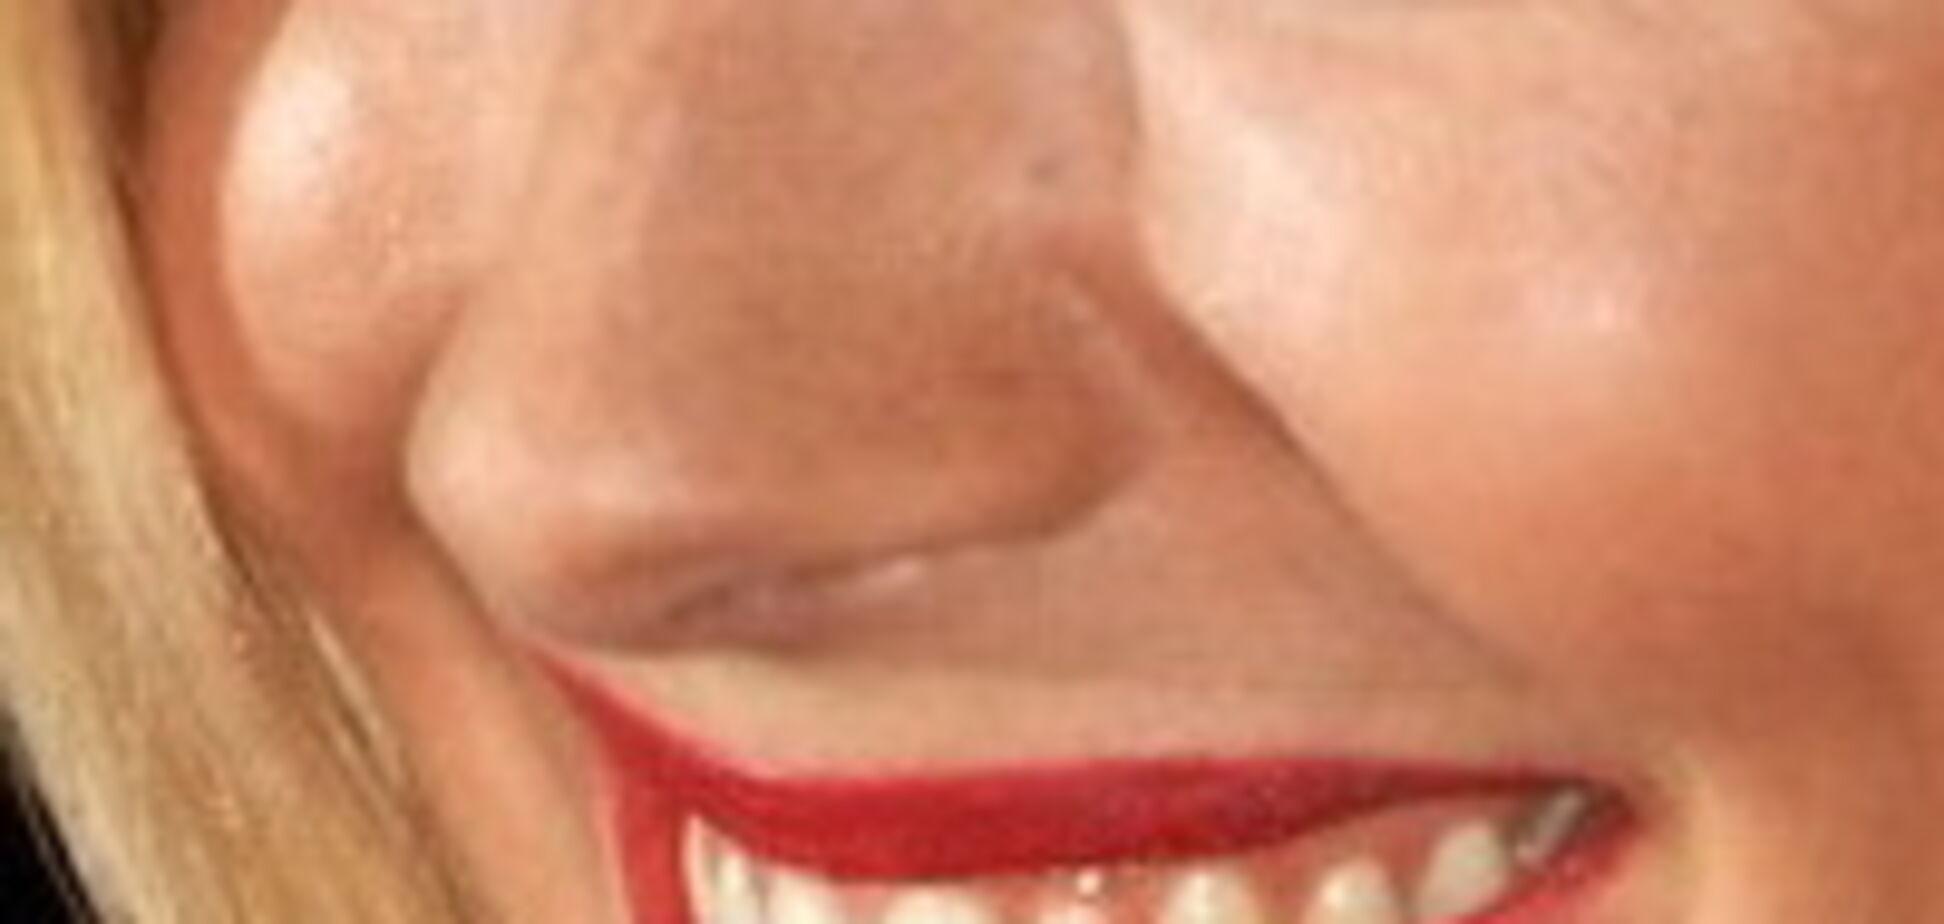 Сиенна Миллер опять обнажила сокровенное